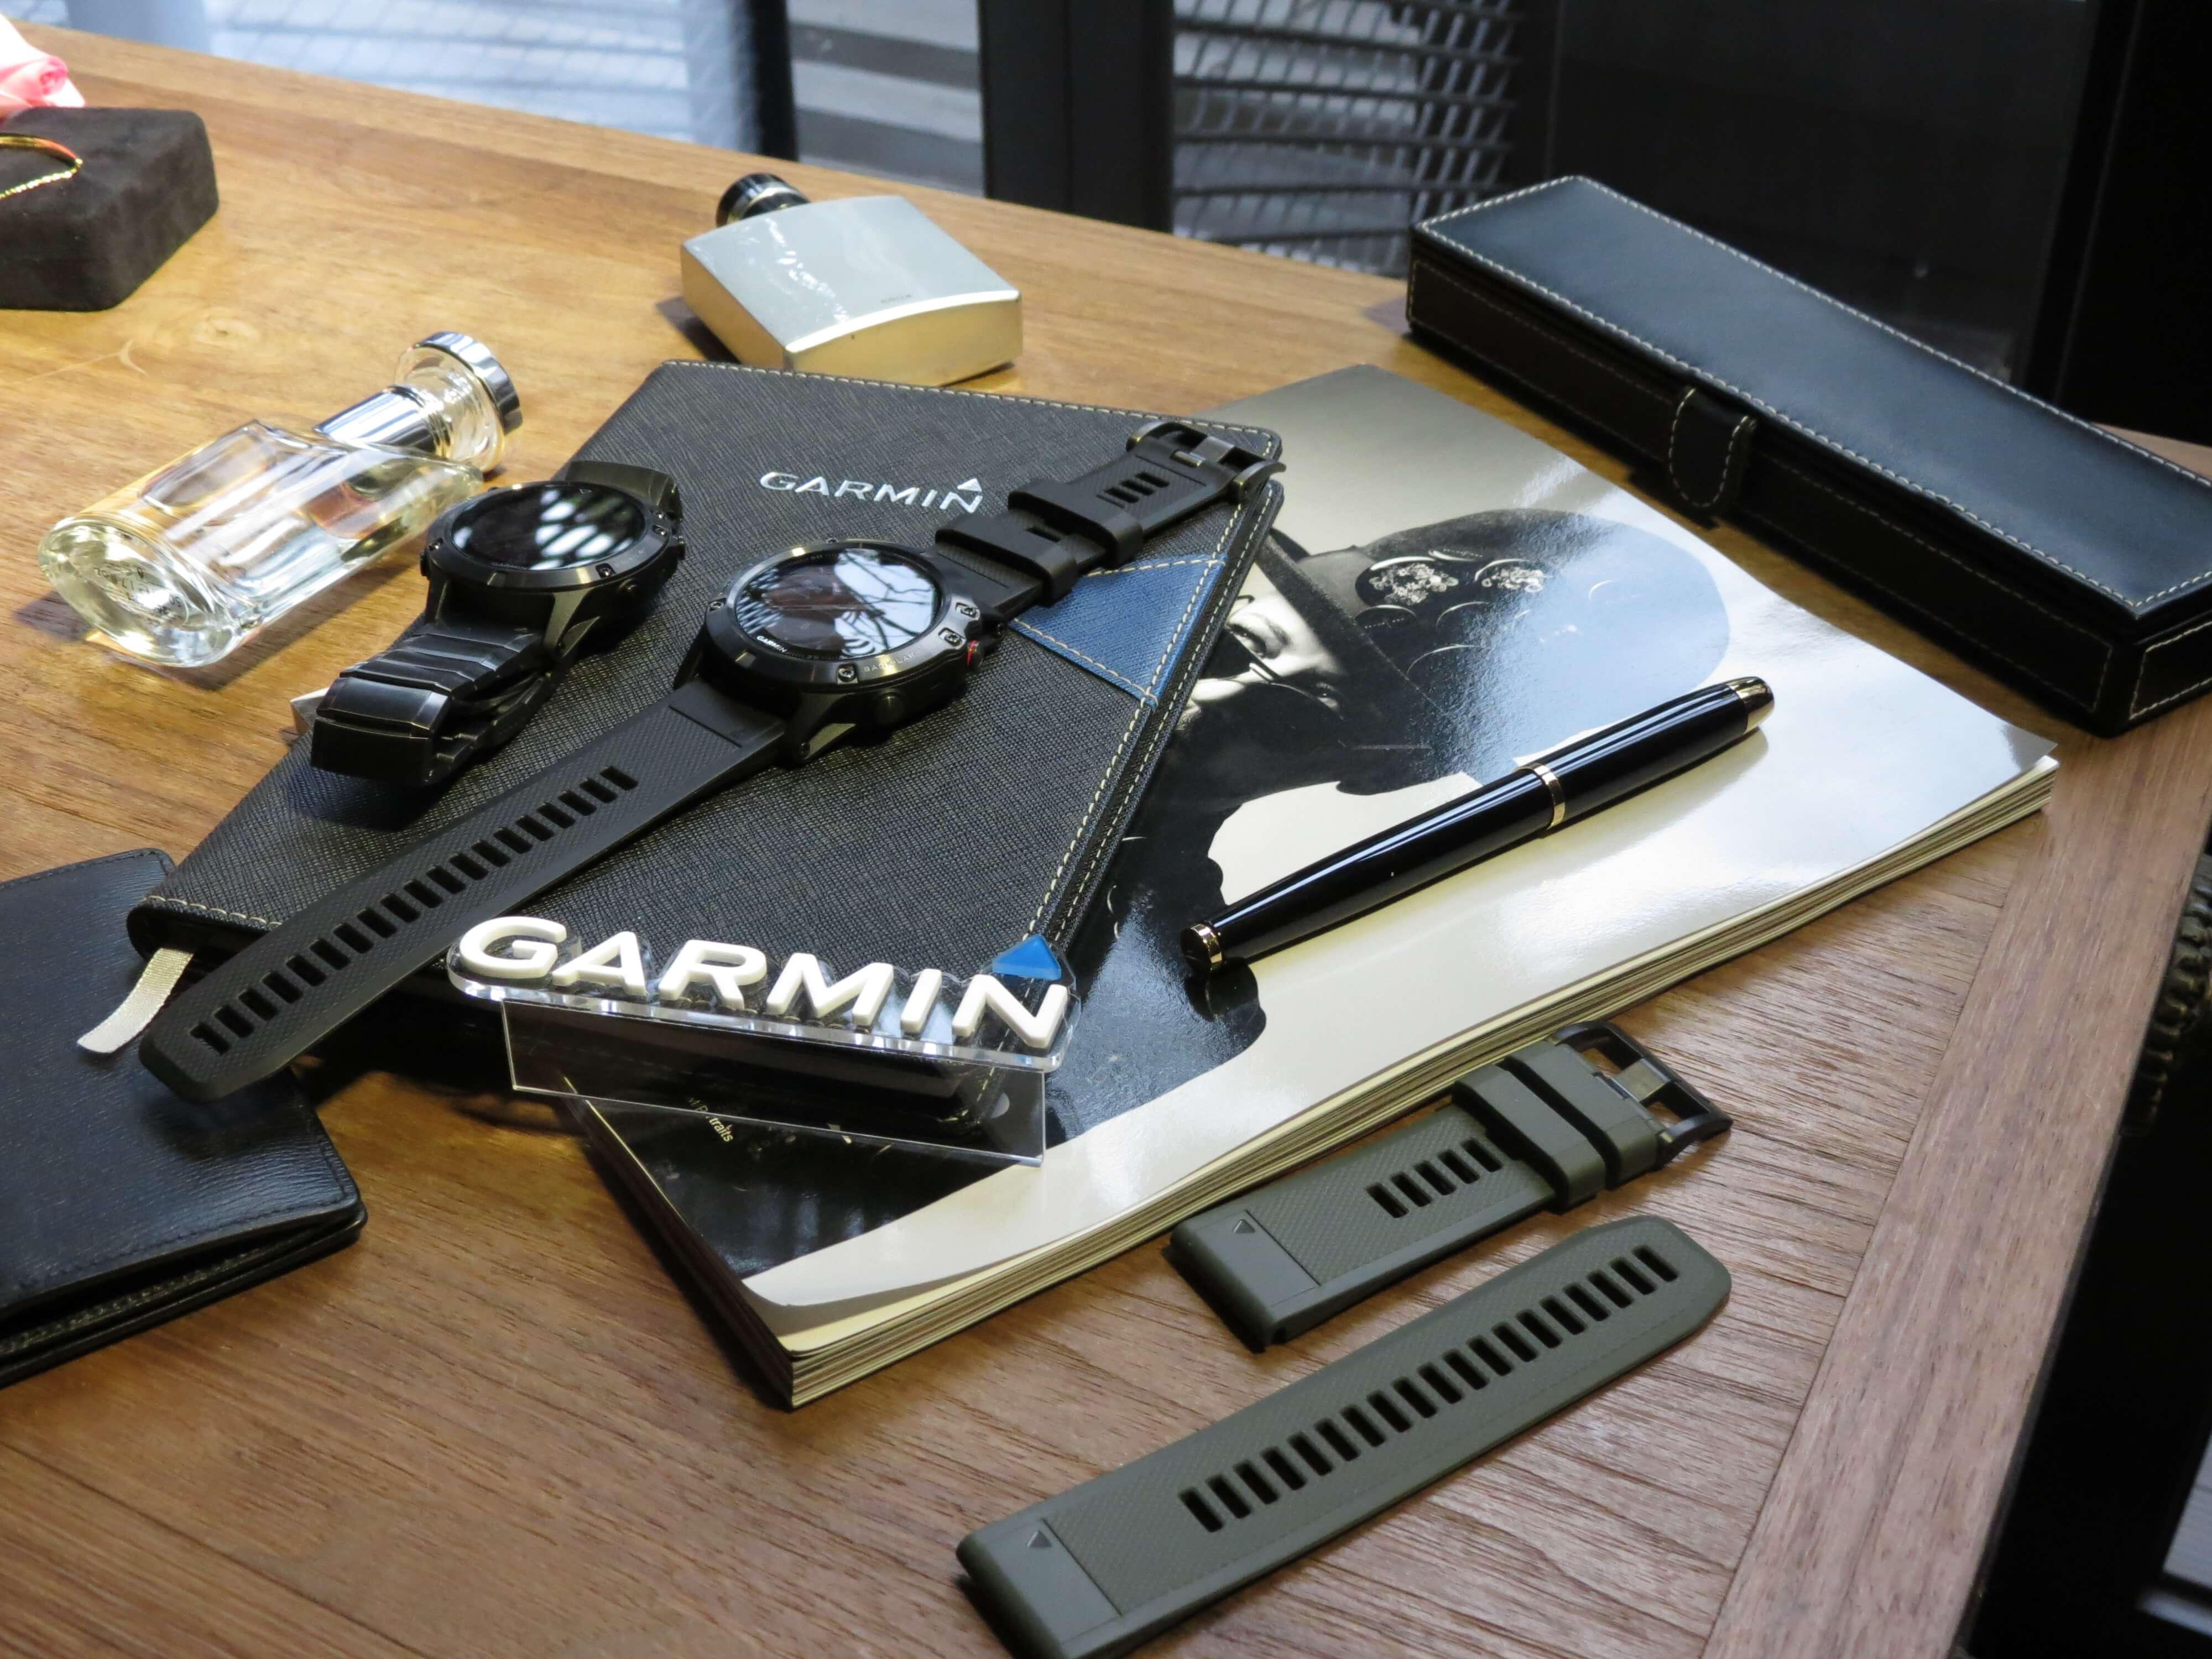 背包客旅行、戶外運動者的最愛!  Garmin 高階腕錶 fēnix5全系列時尚亮相 !關於Garminfēnix5全系列fēnix5Sfēnix5fēnix5X